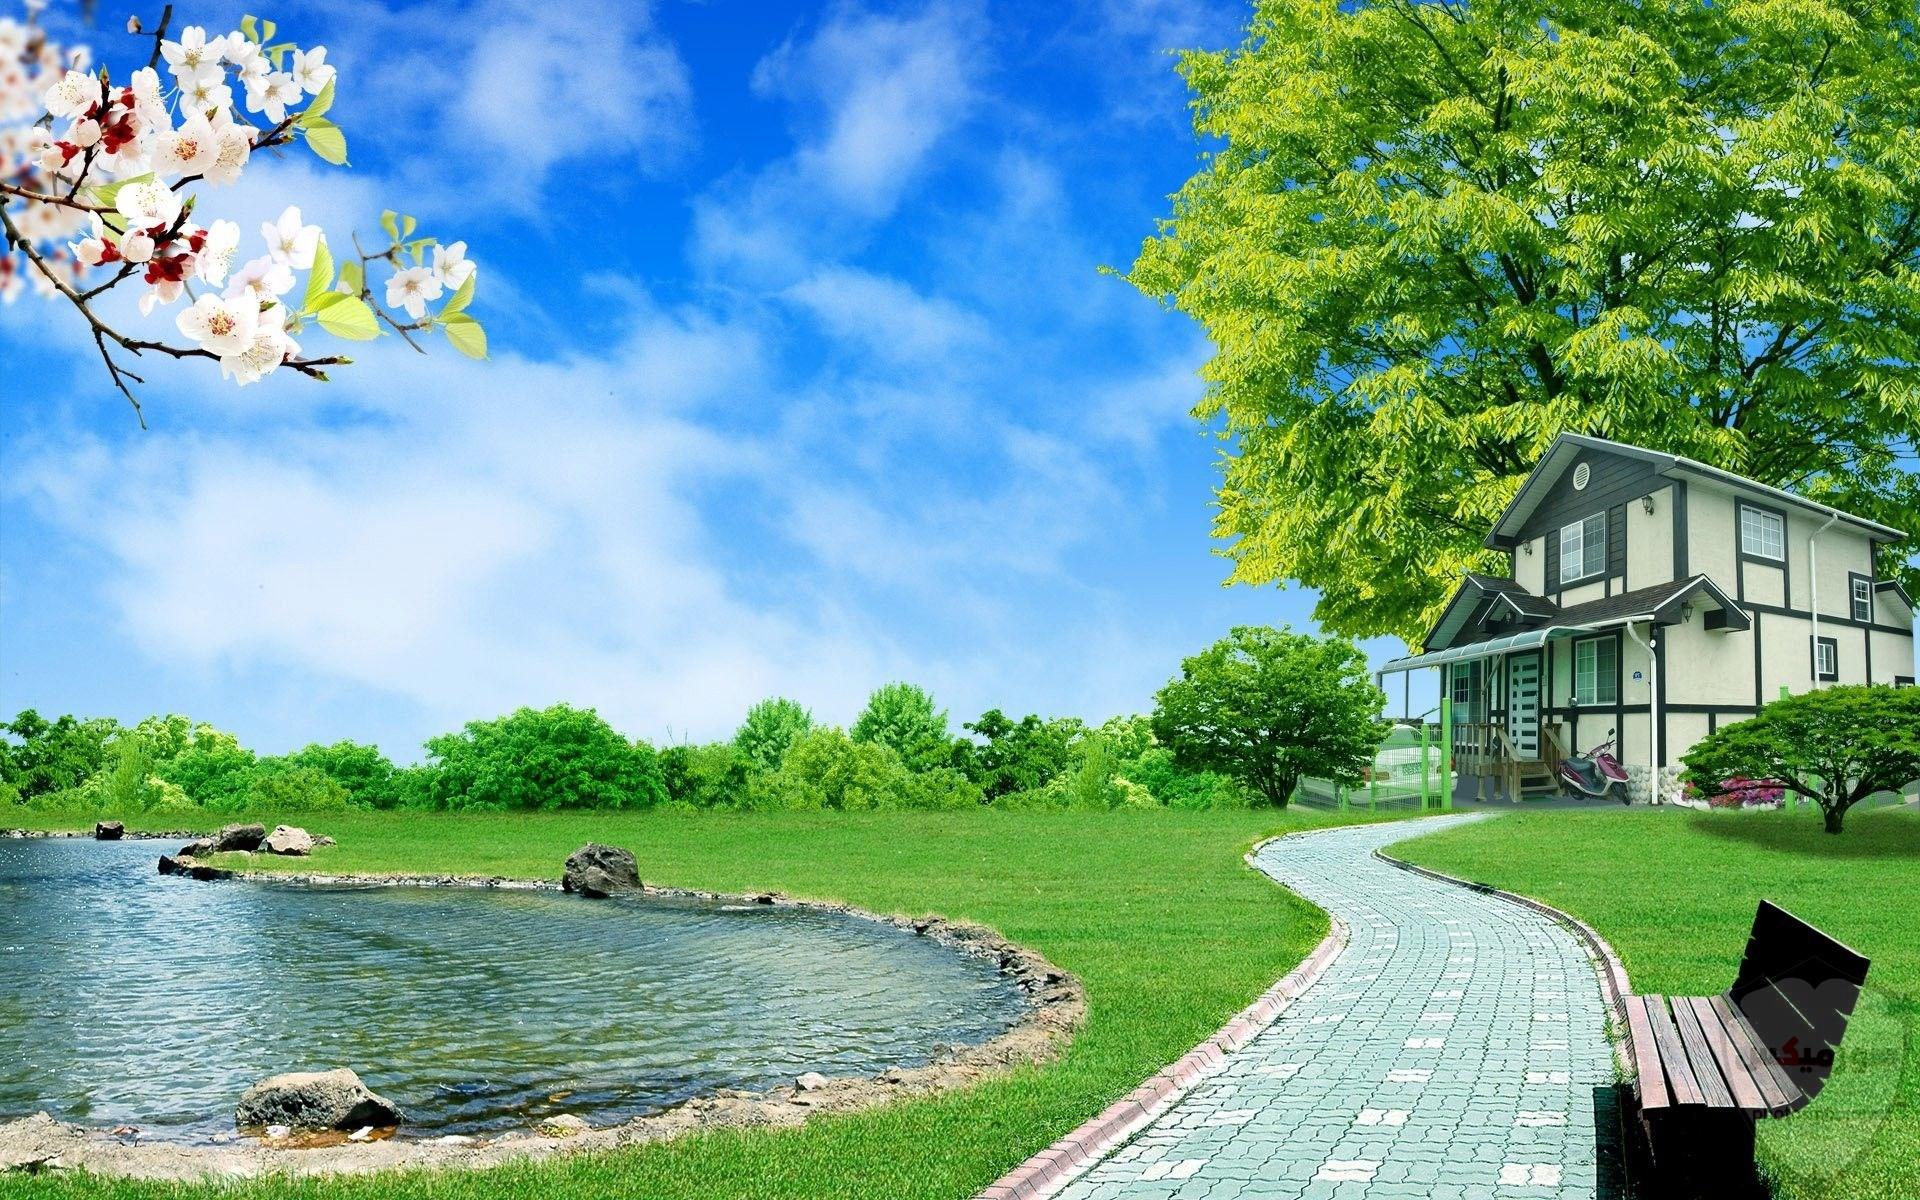 مكونات الطبيعة جمال الطبيعة فوائد الطبيعة صورمن الطبيعة 7